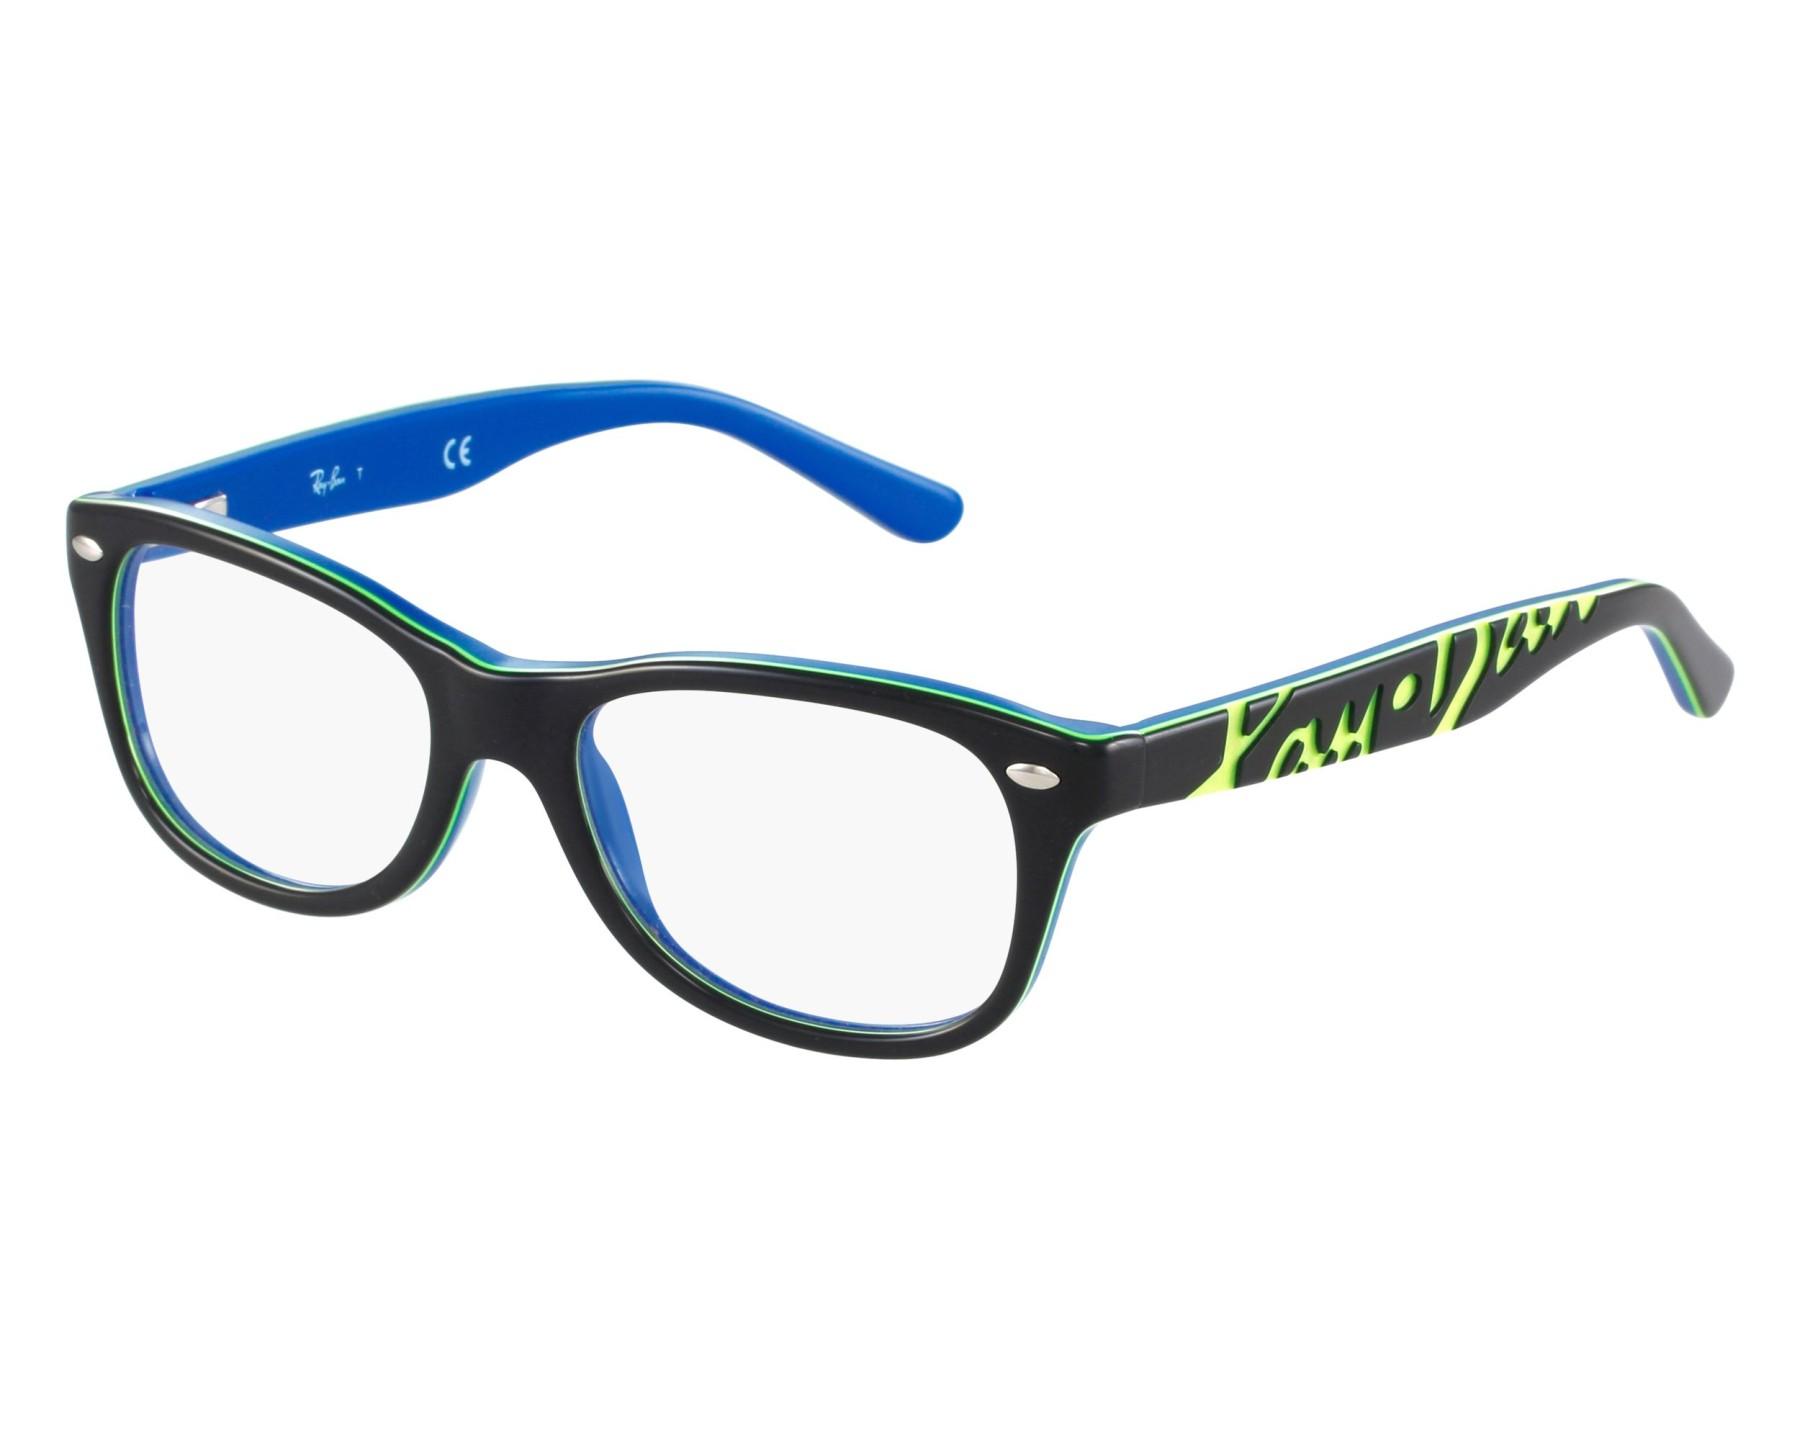 e7bcda493b3f6 Lunettes de vue Ray-Ban RY-1544 3600 - Bleu Vert vue de face